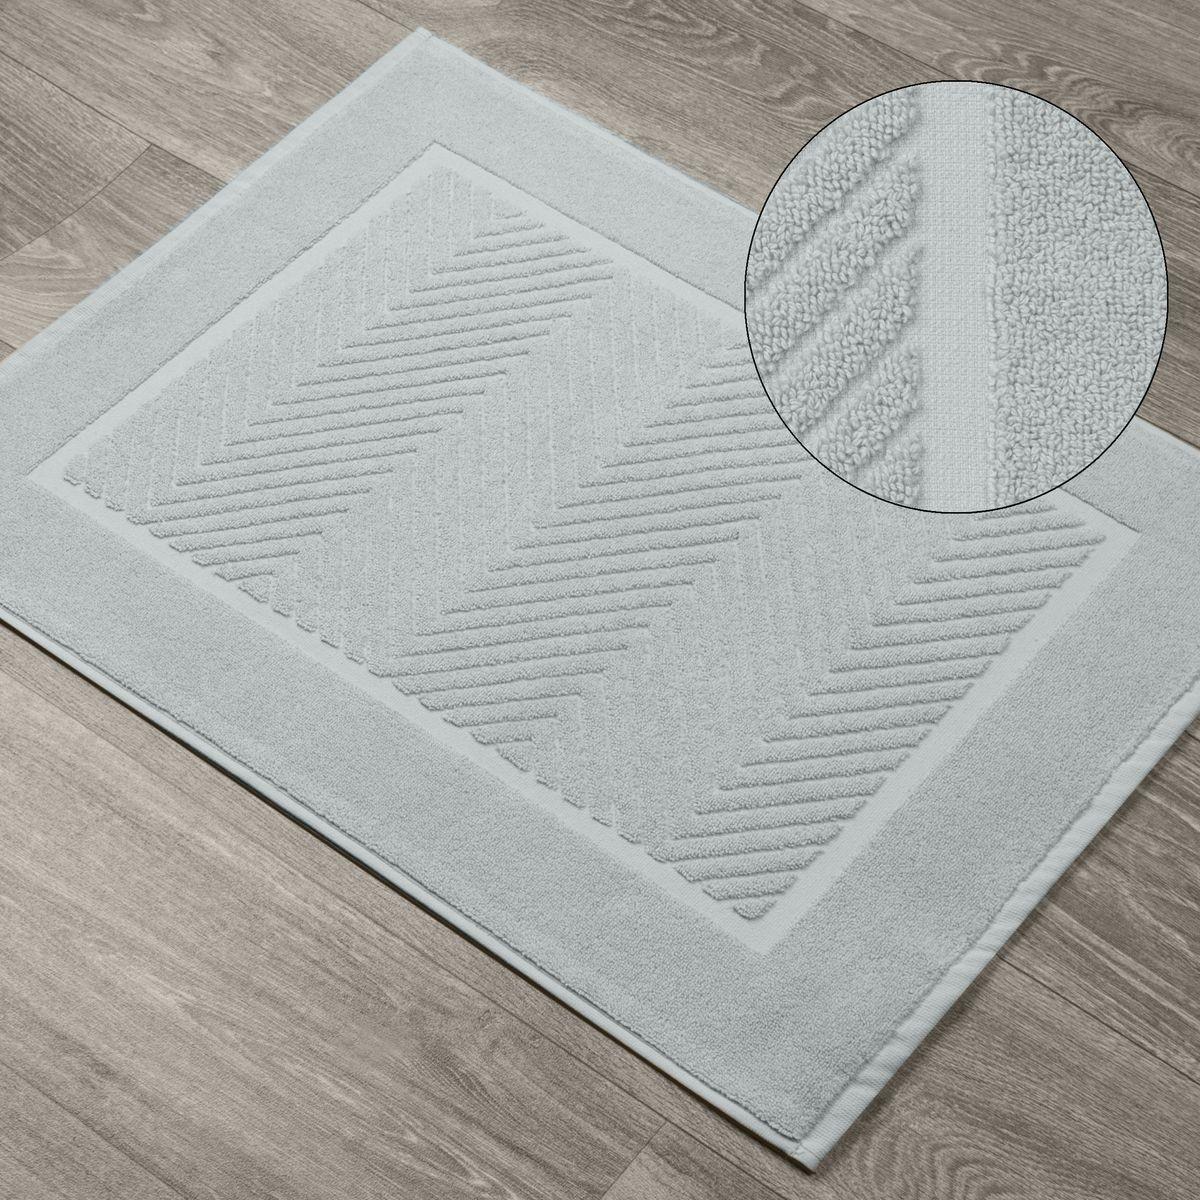 DomTextilu Štýlový bavlnený strieborný koberec do kúpelne so vzorom Šírka: 50 cm   Dĺžka: 70 cm 44549-208276